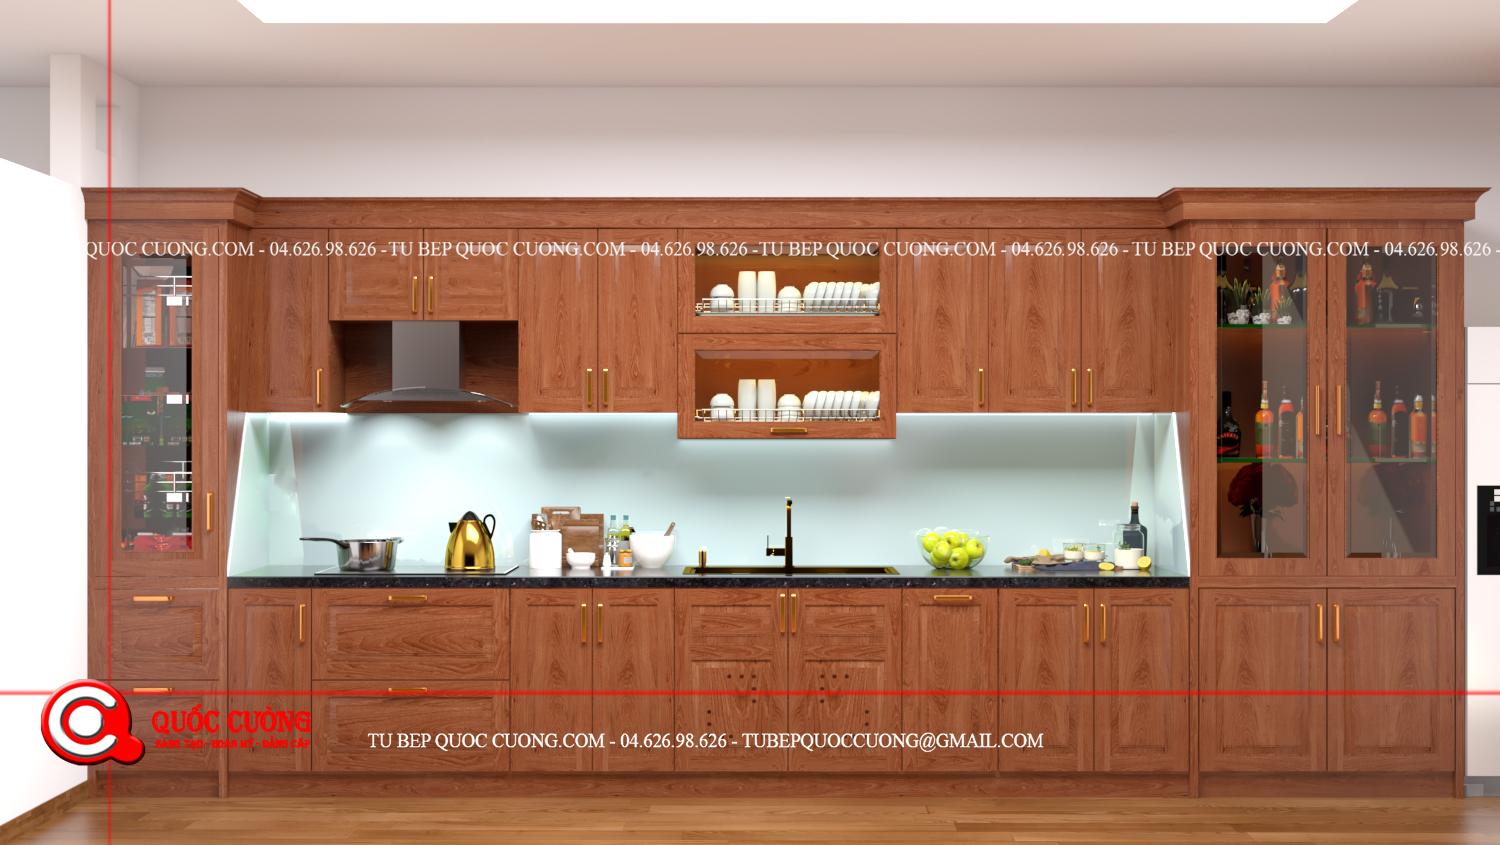 Tủ bếp xoan đào XD14 được làm bằng chất liệu gỗ tự nhiên thân thiện với môi trường có thiết kế khá chắc chắn và bền đẹp.